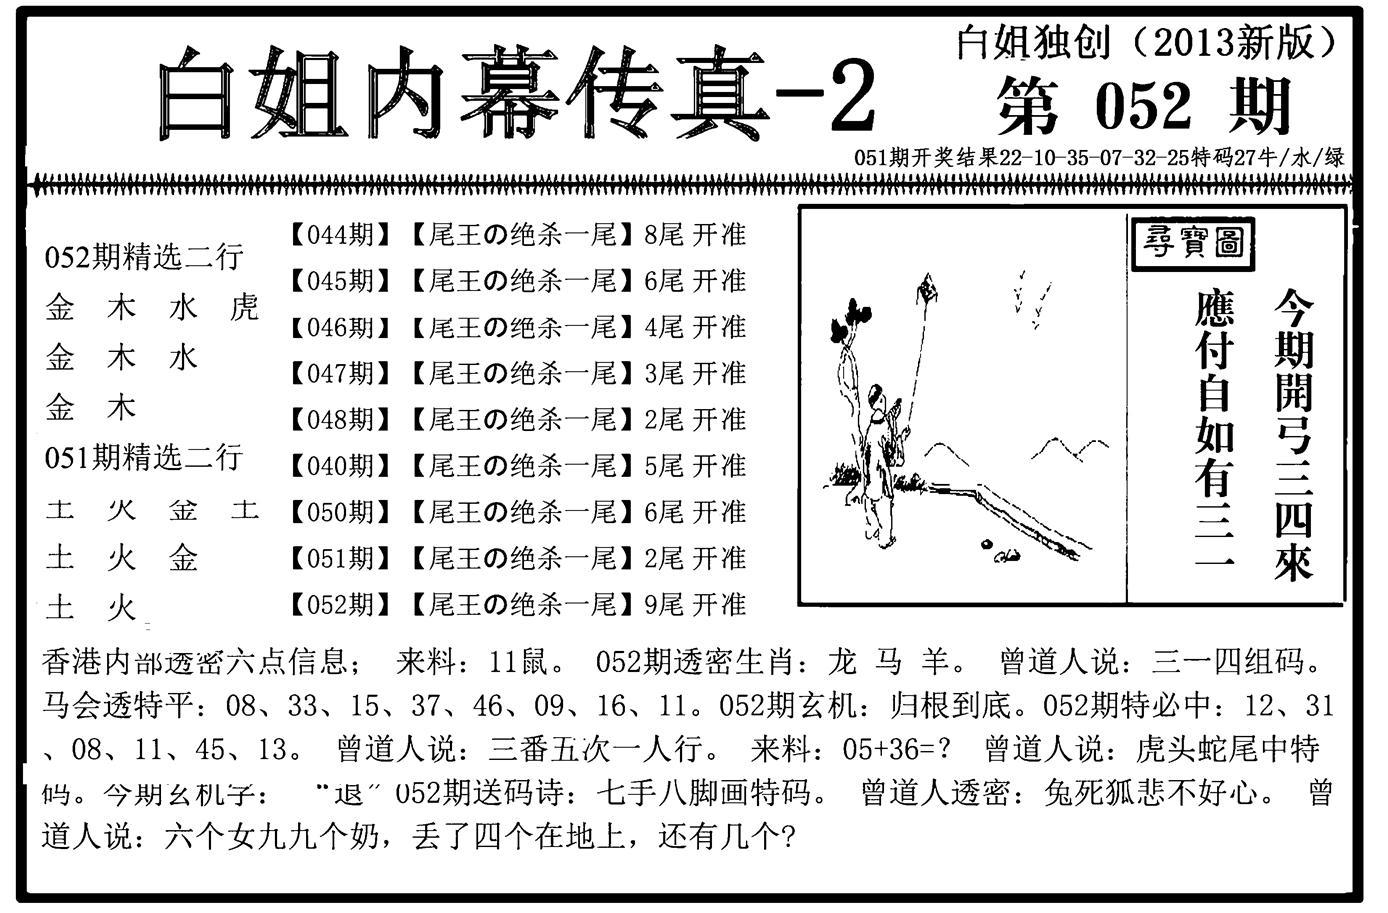 052期白姐内幕传真-2(黑白)